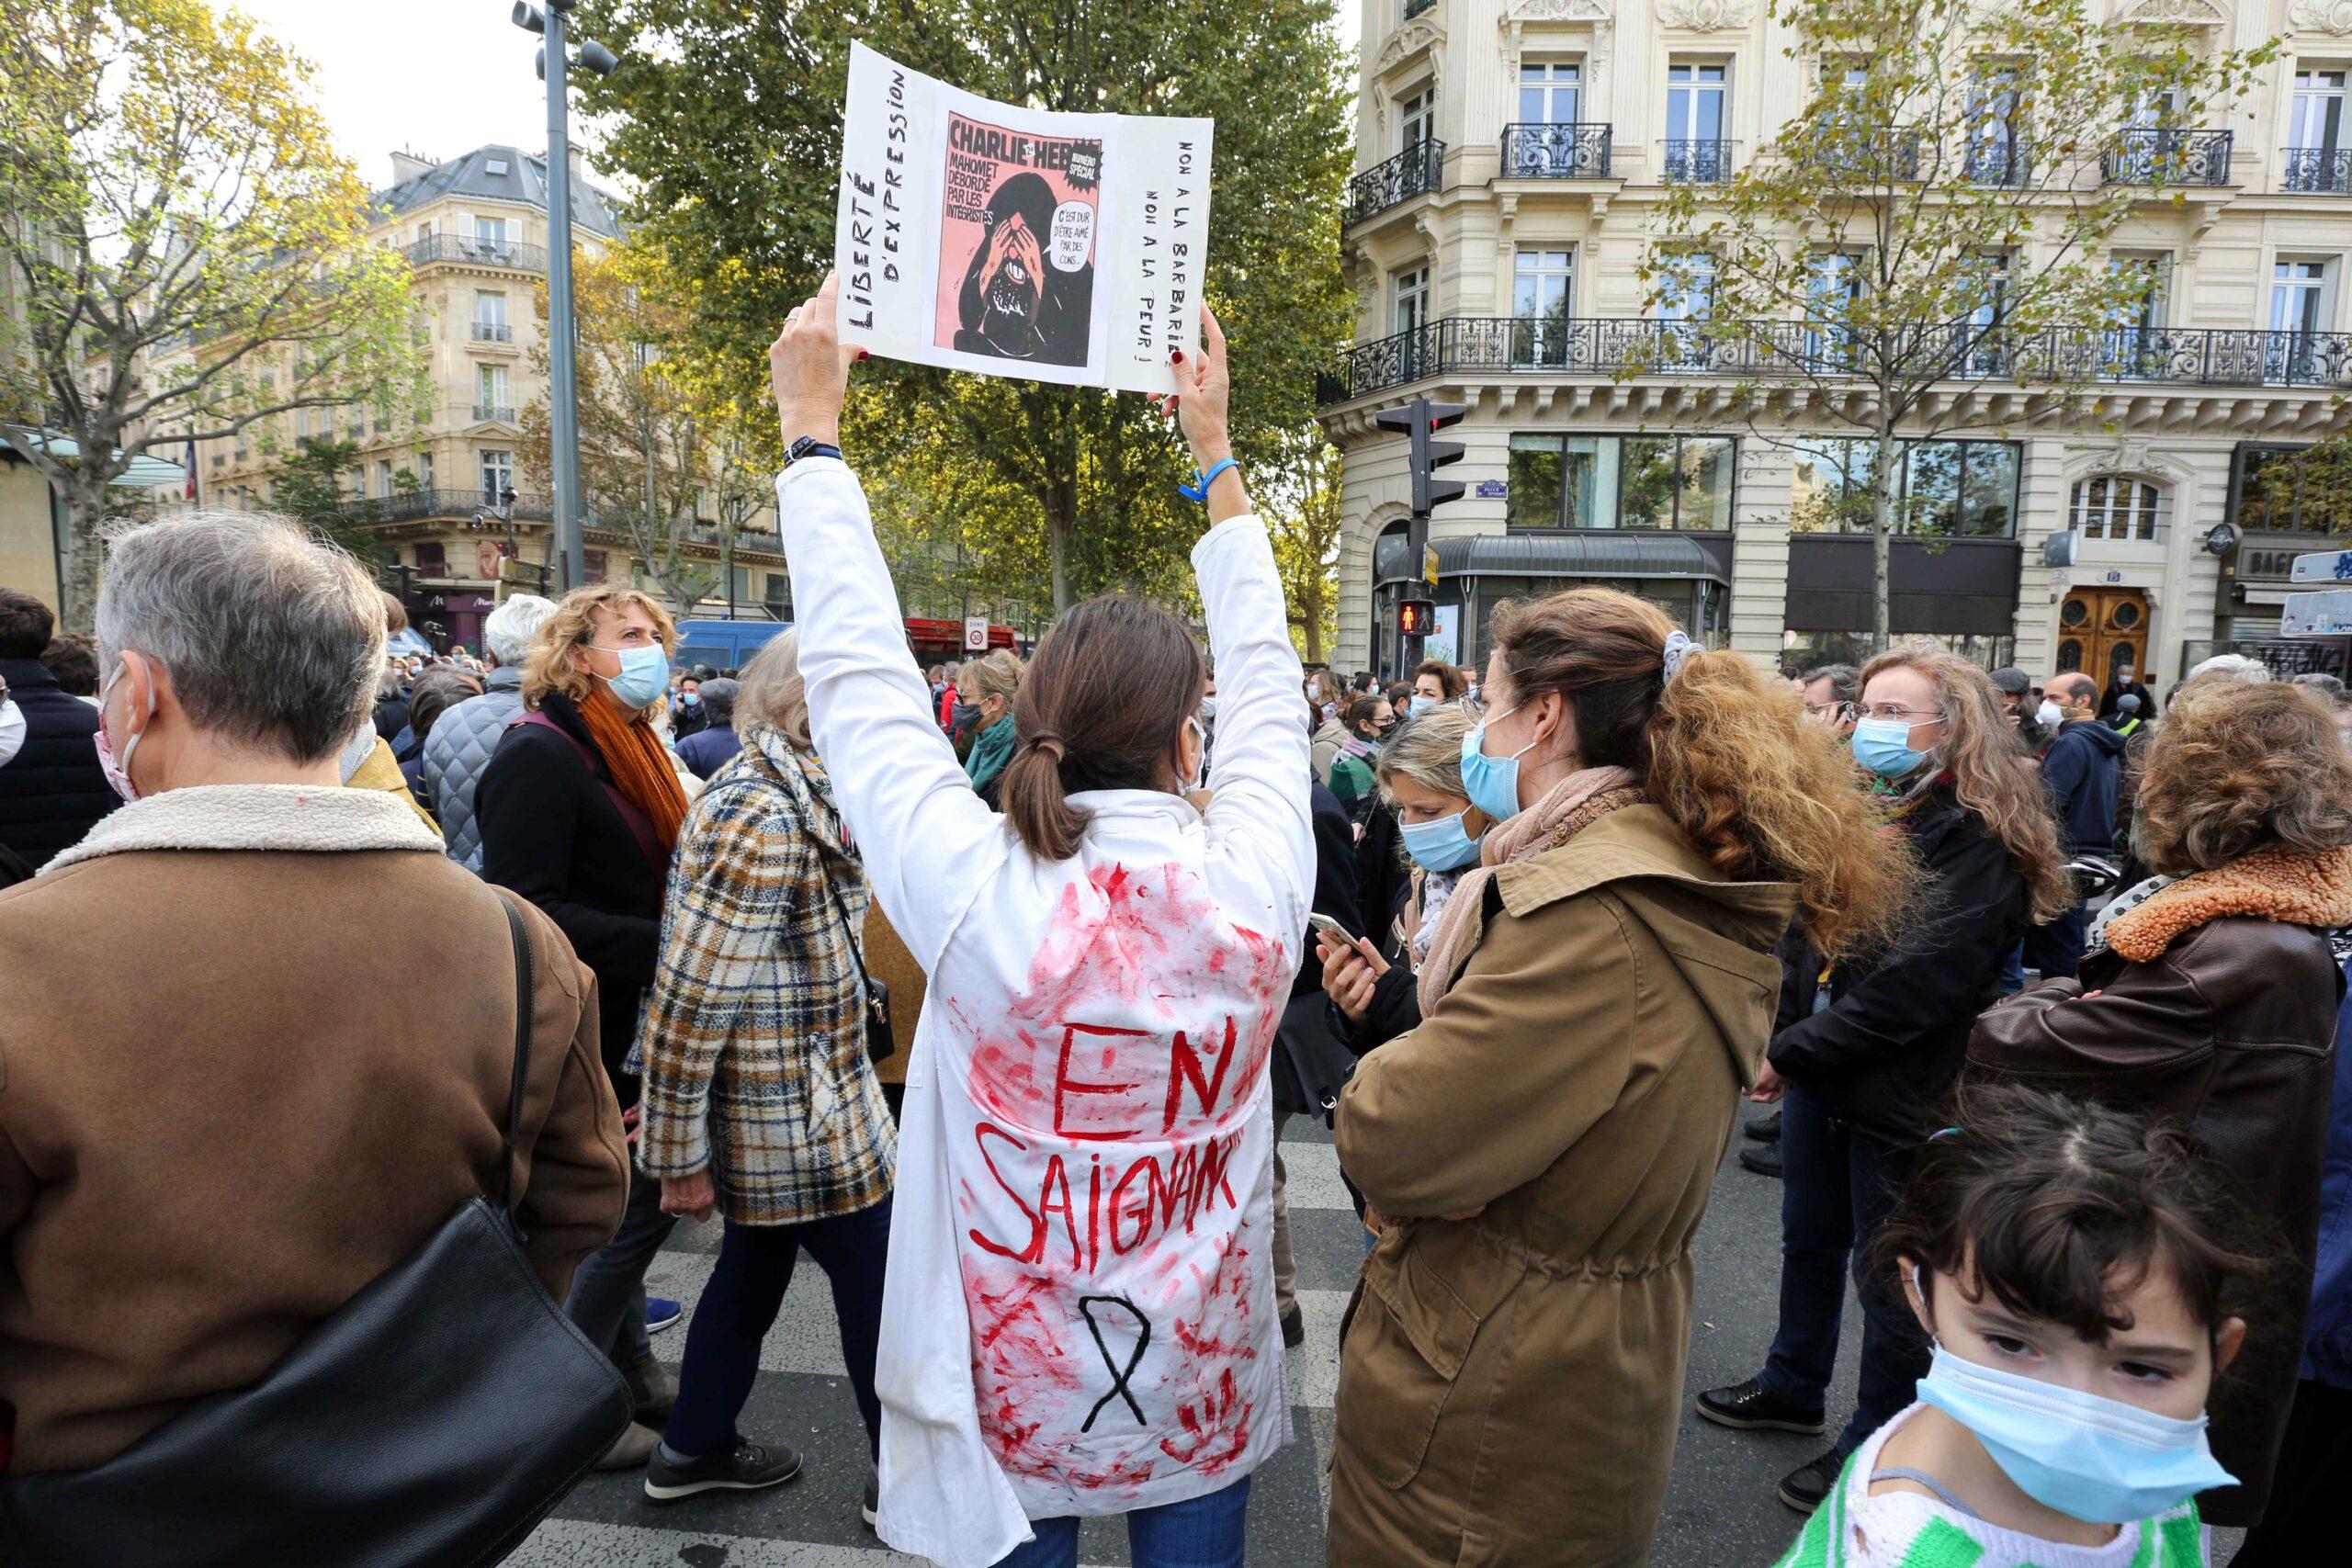 Une femme vêtue d'une blouse ensanglantée tient une copie de Chalie-Hebdo. © Michel Stoupak. Dim 18.10.2020, 14h46m31.